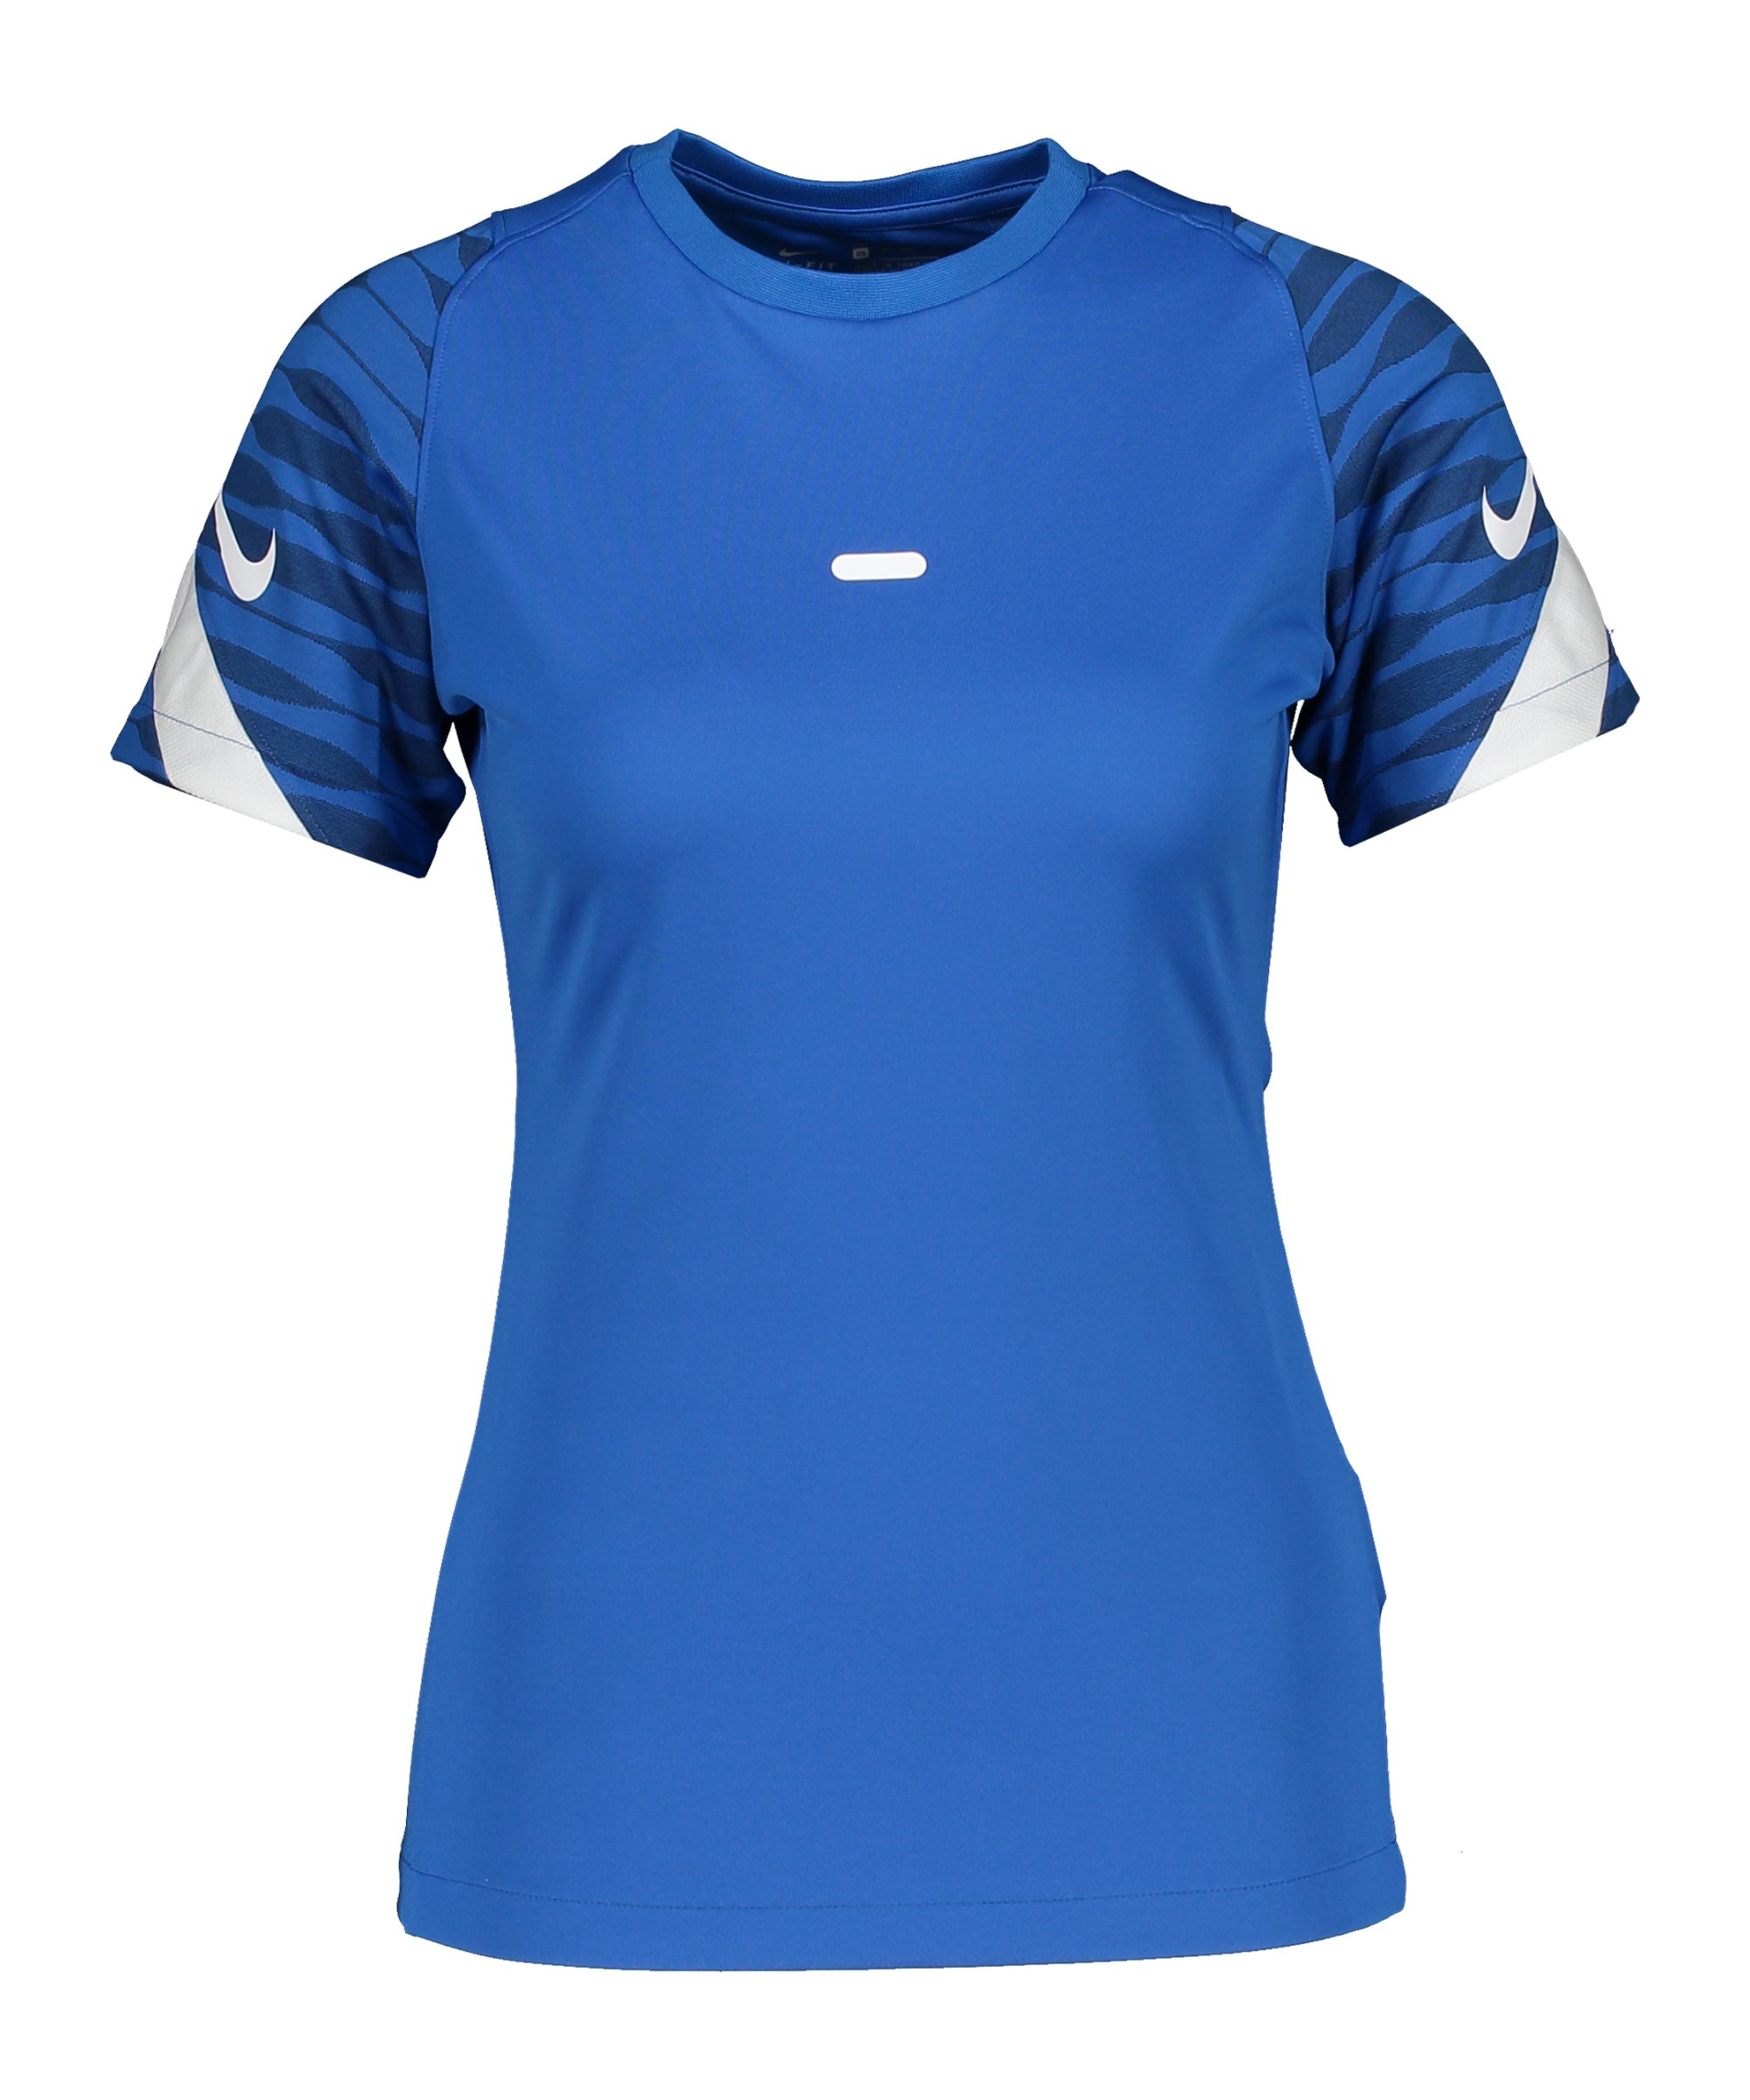 Nike Strike 21 T-Shirt Damen Blau Weiss F463 - blau